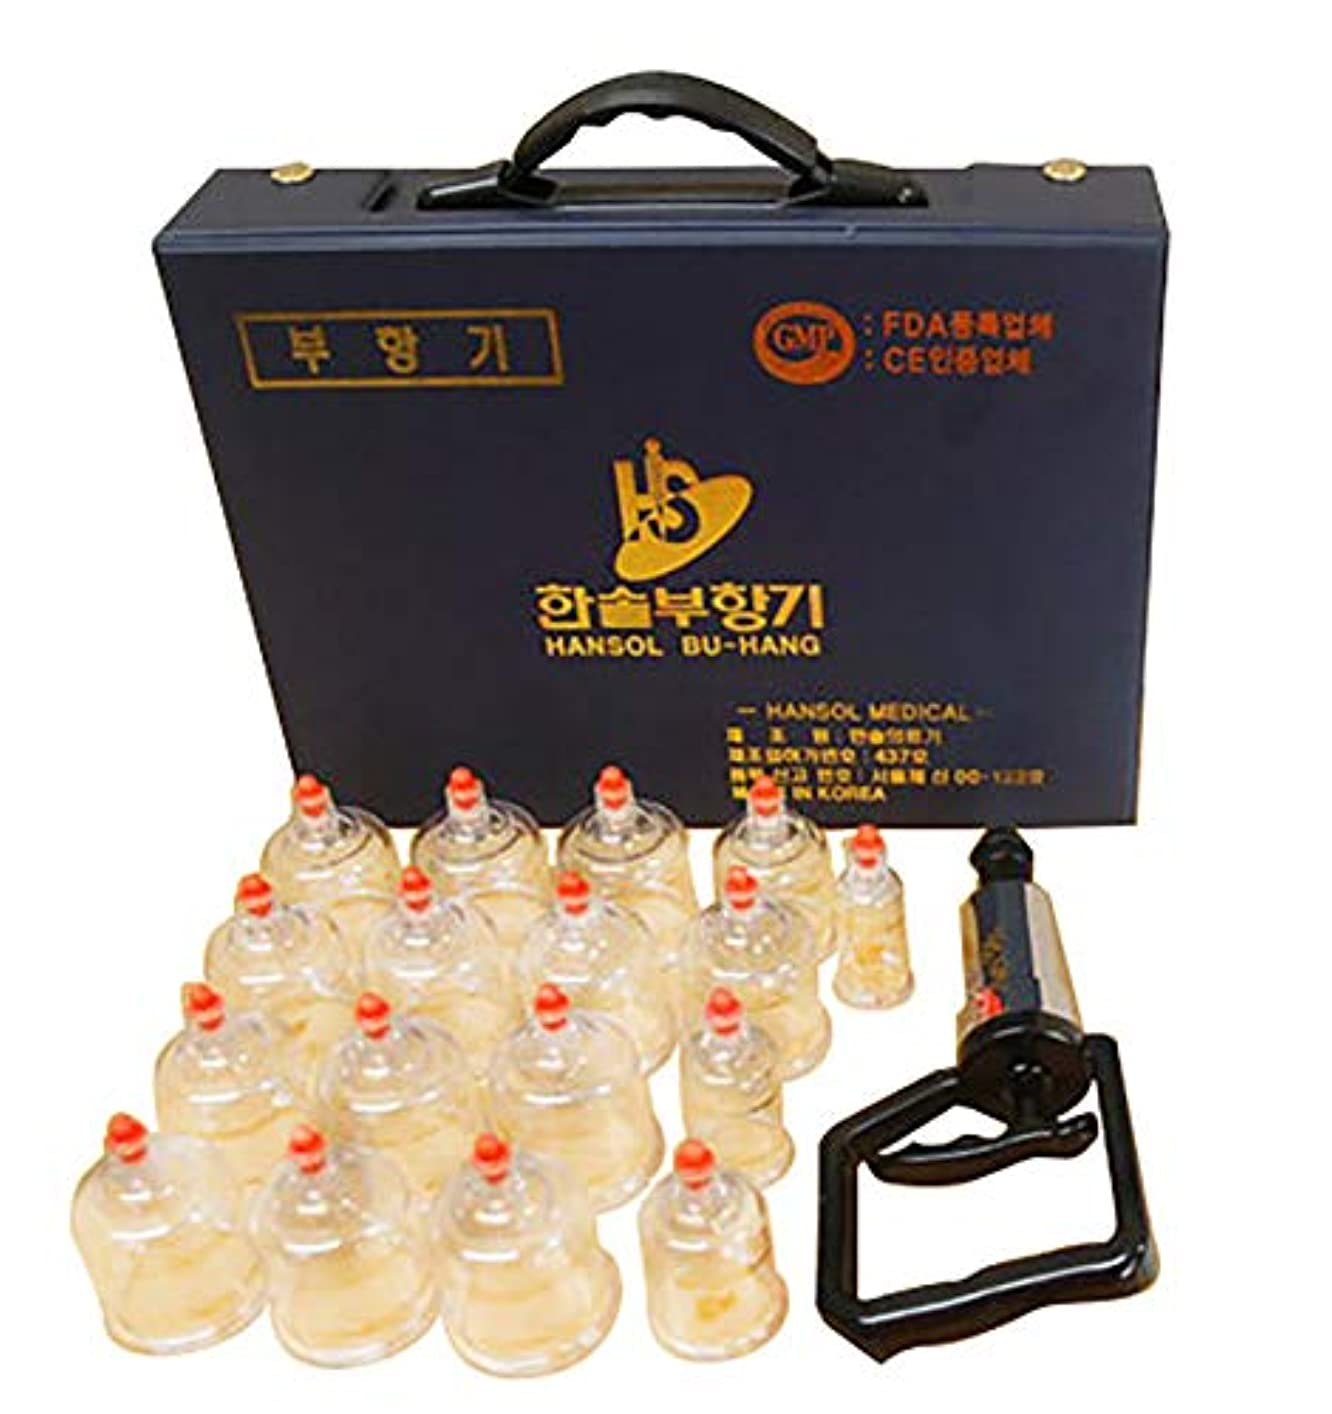 ジョガー等不名誉な中国四千年の健康法「吸玉」がご家庭で手軽にできる!ハンソルメディカル ブハン カッピングカップ17個セット